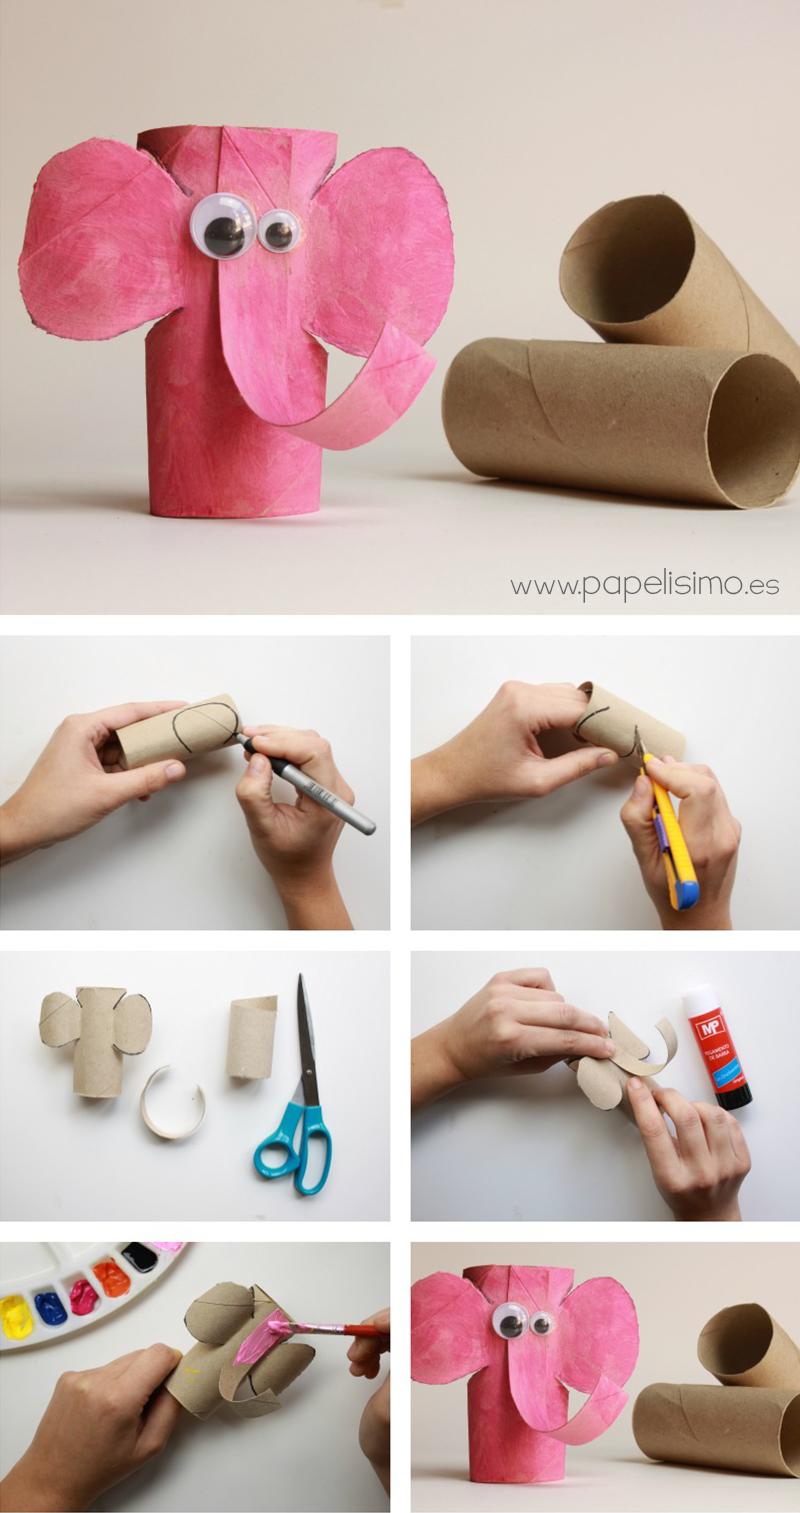 bricolage-avec-rouleau-papier-toilette-9